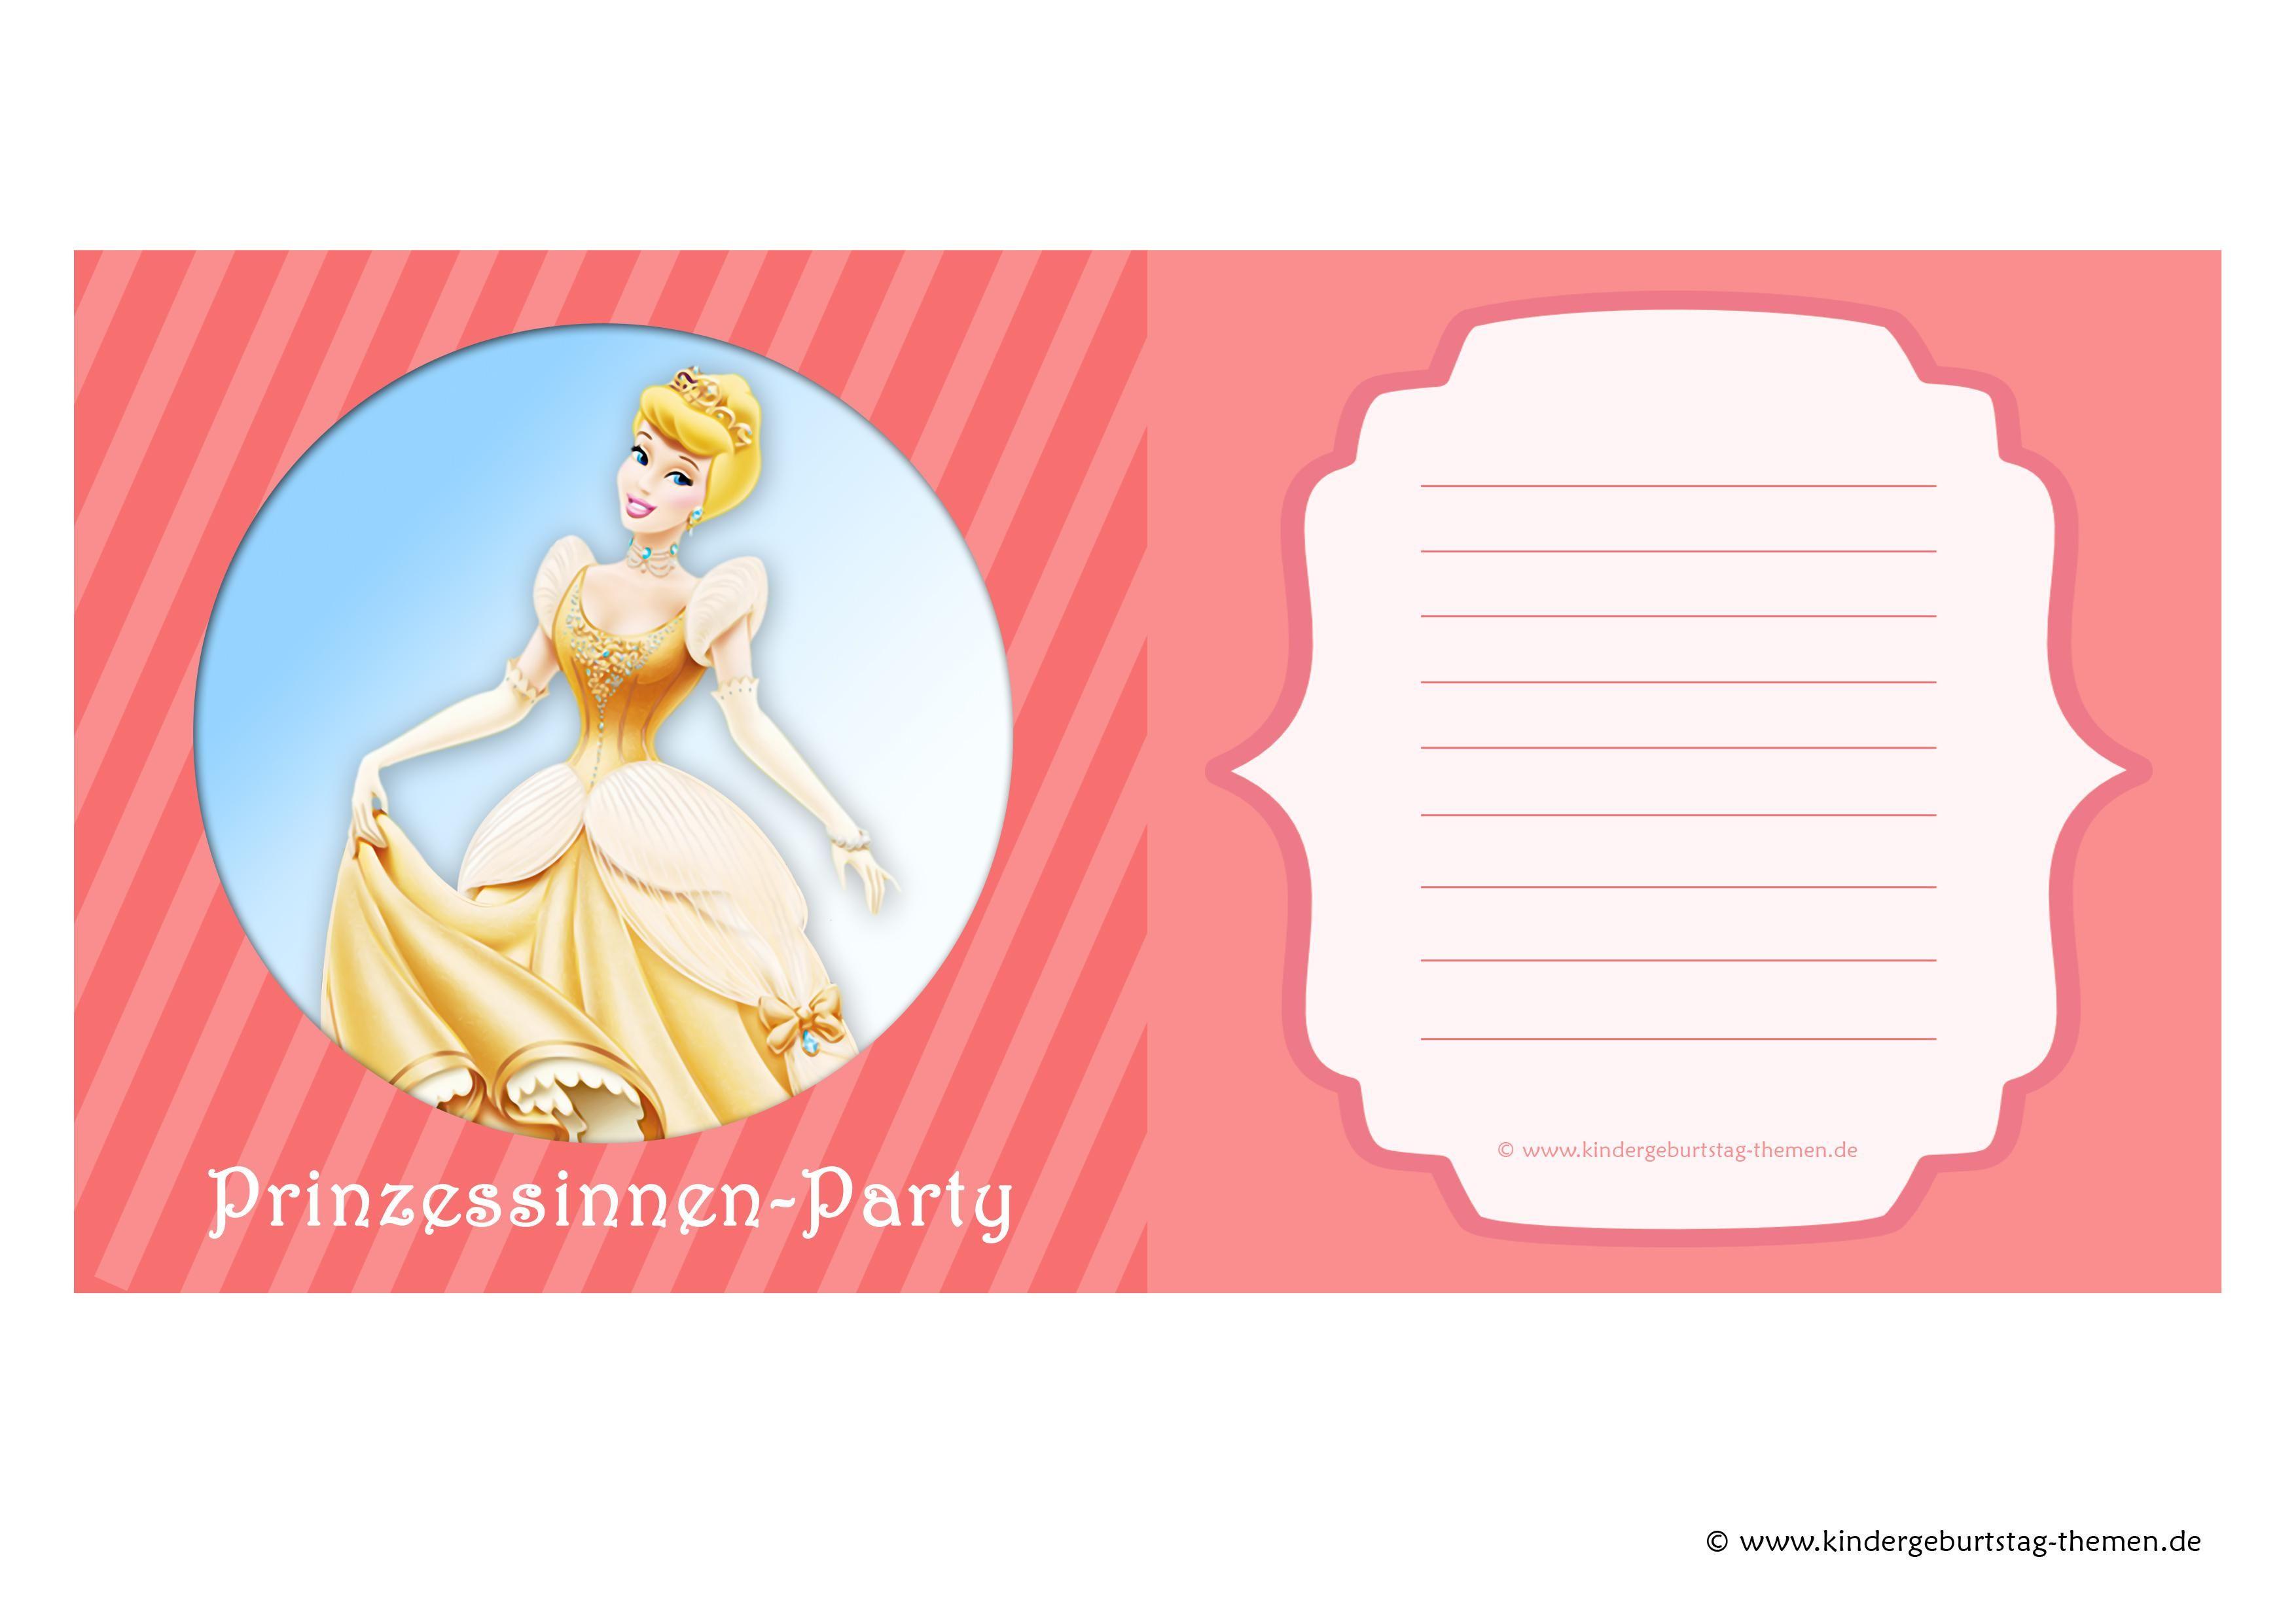 Einladungskarten Selber Basteln Kindergeburtstag : Einladungskarten Selber  Machen Kindergeburtstag Kostenlos   Kindergeburtstag Einladung    Kindergeburtstag ...